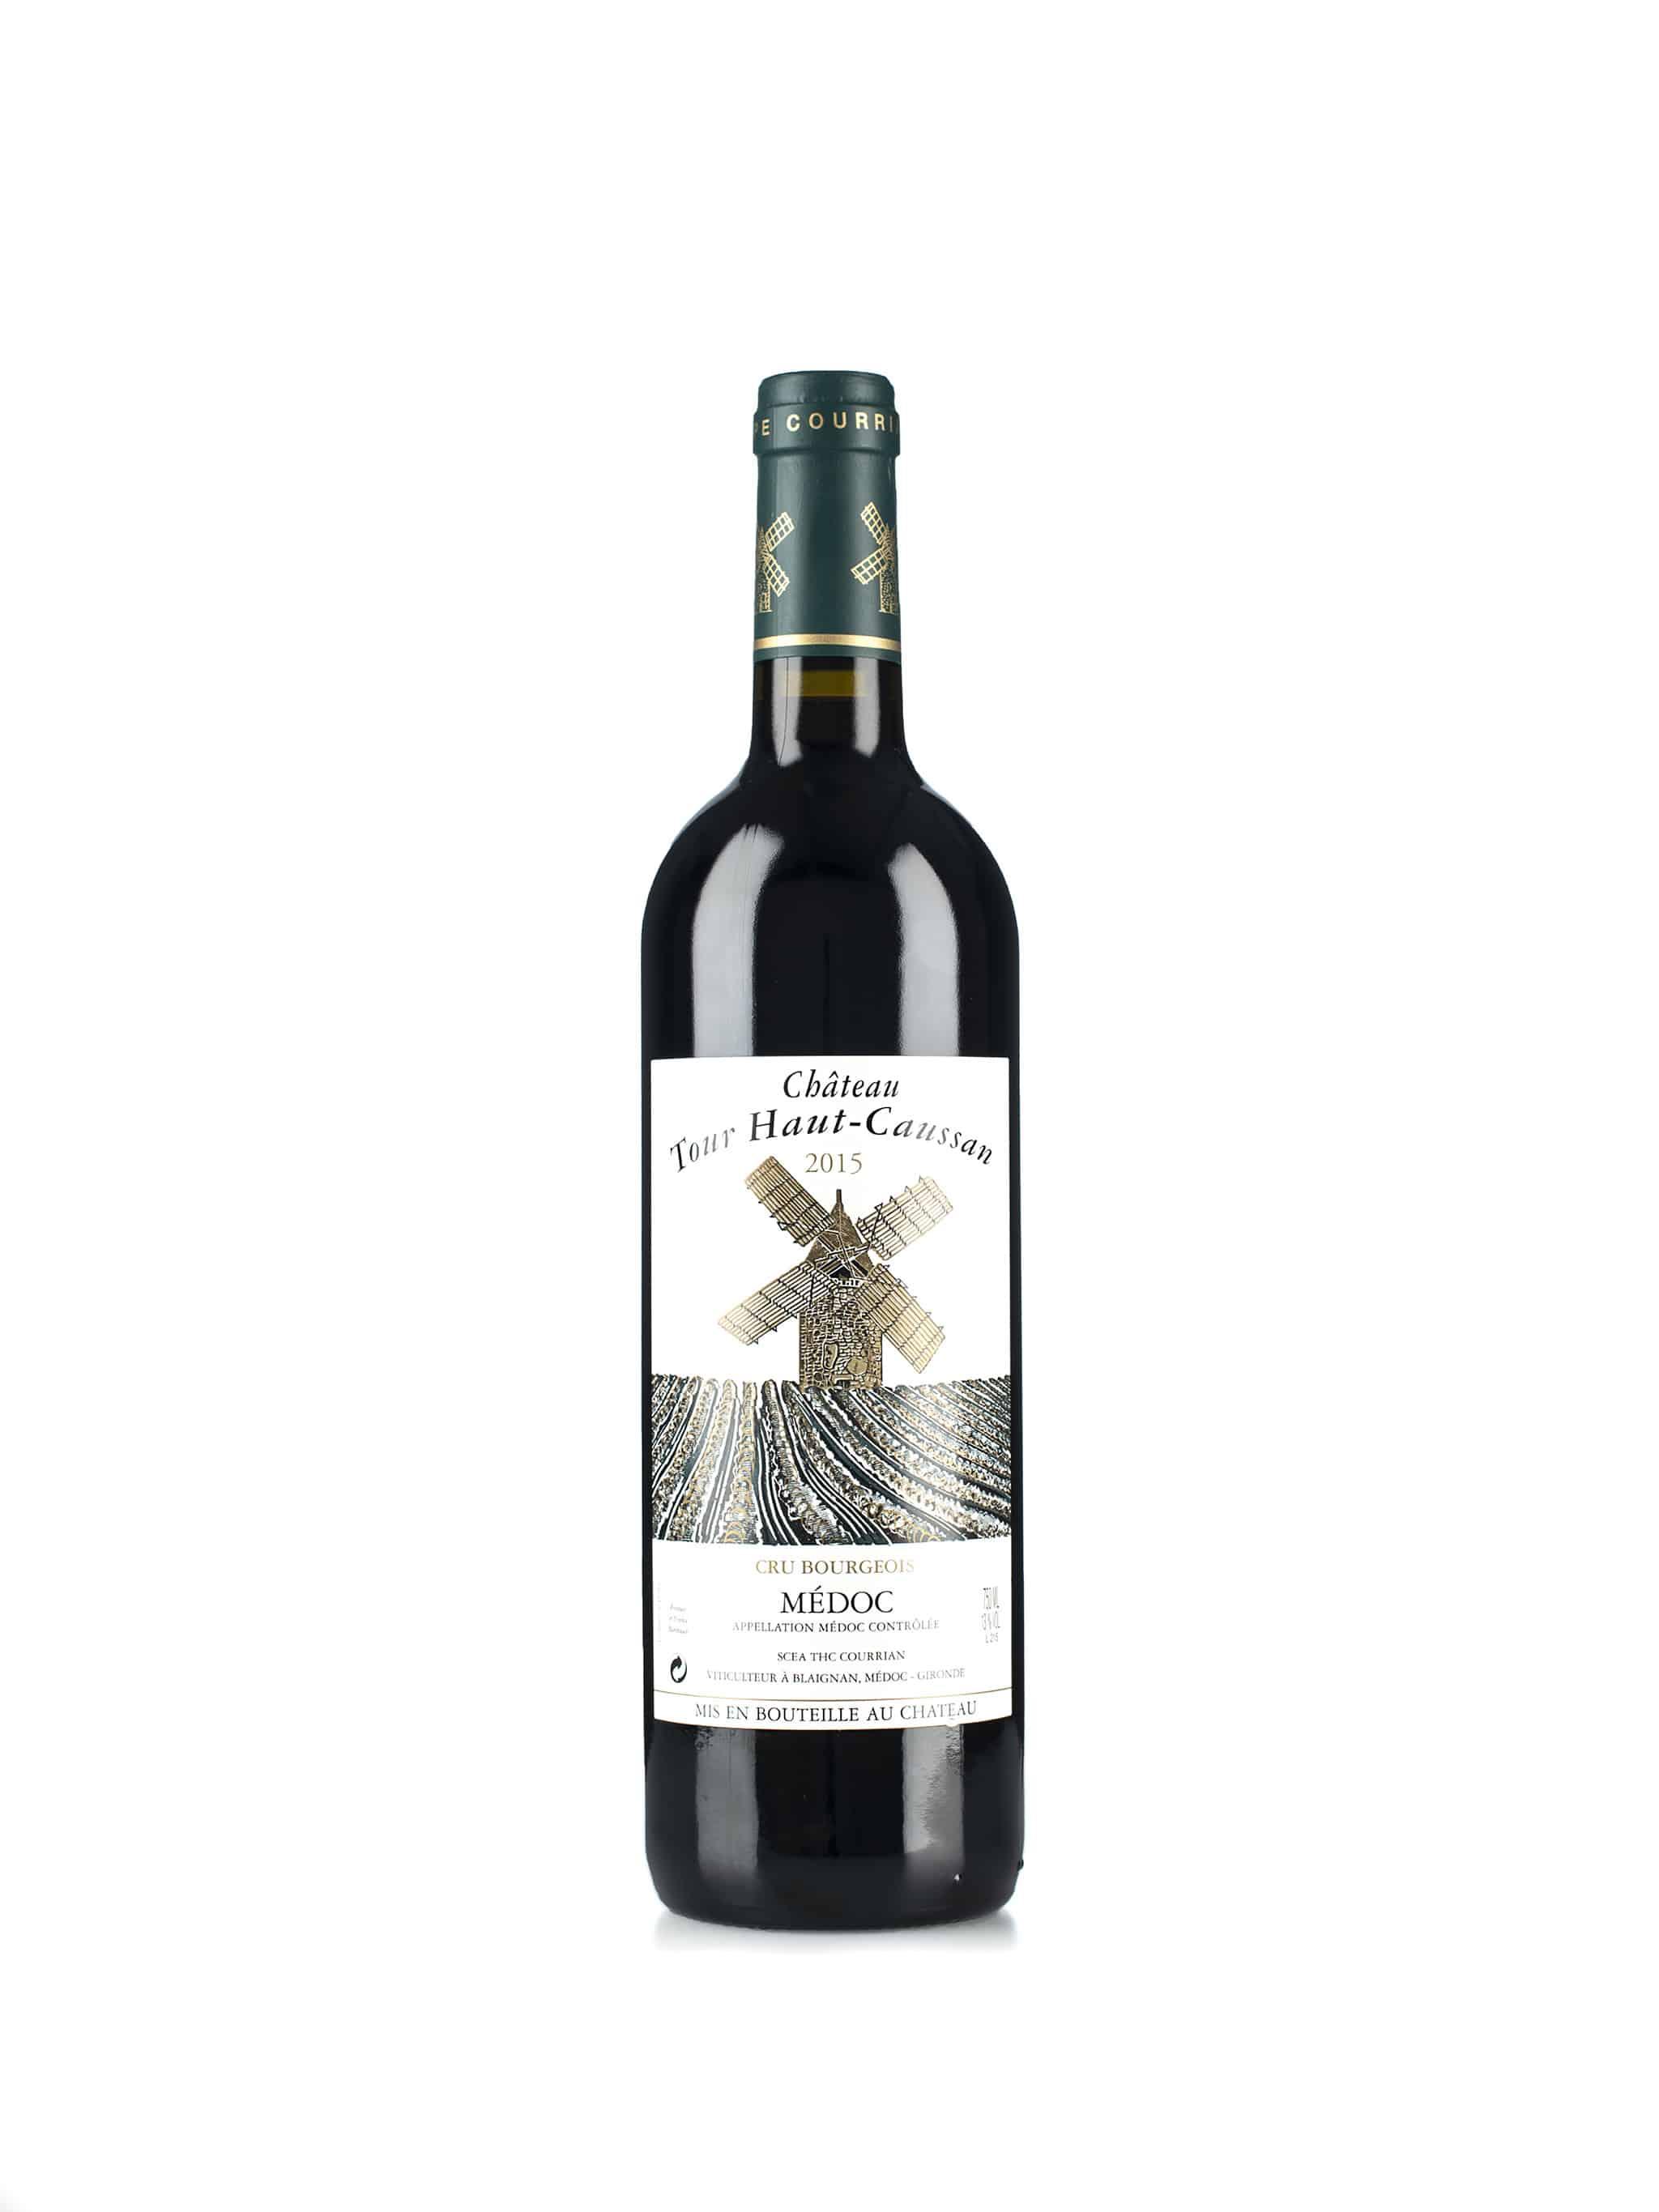 Franse rode wijn van wijndomein Bordeaux: Château Tour Haut-Caussan, Médoc